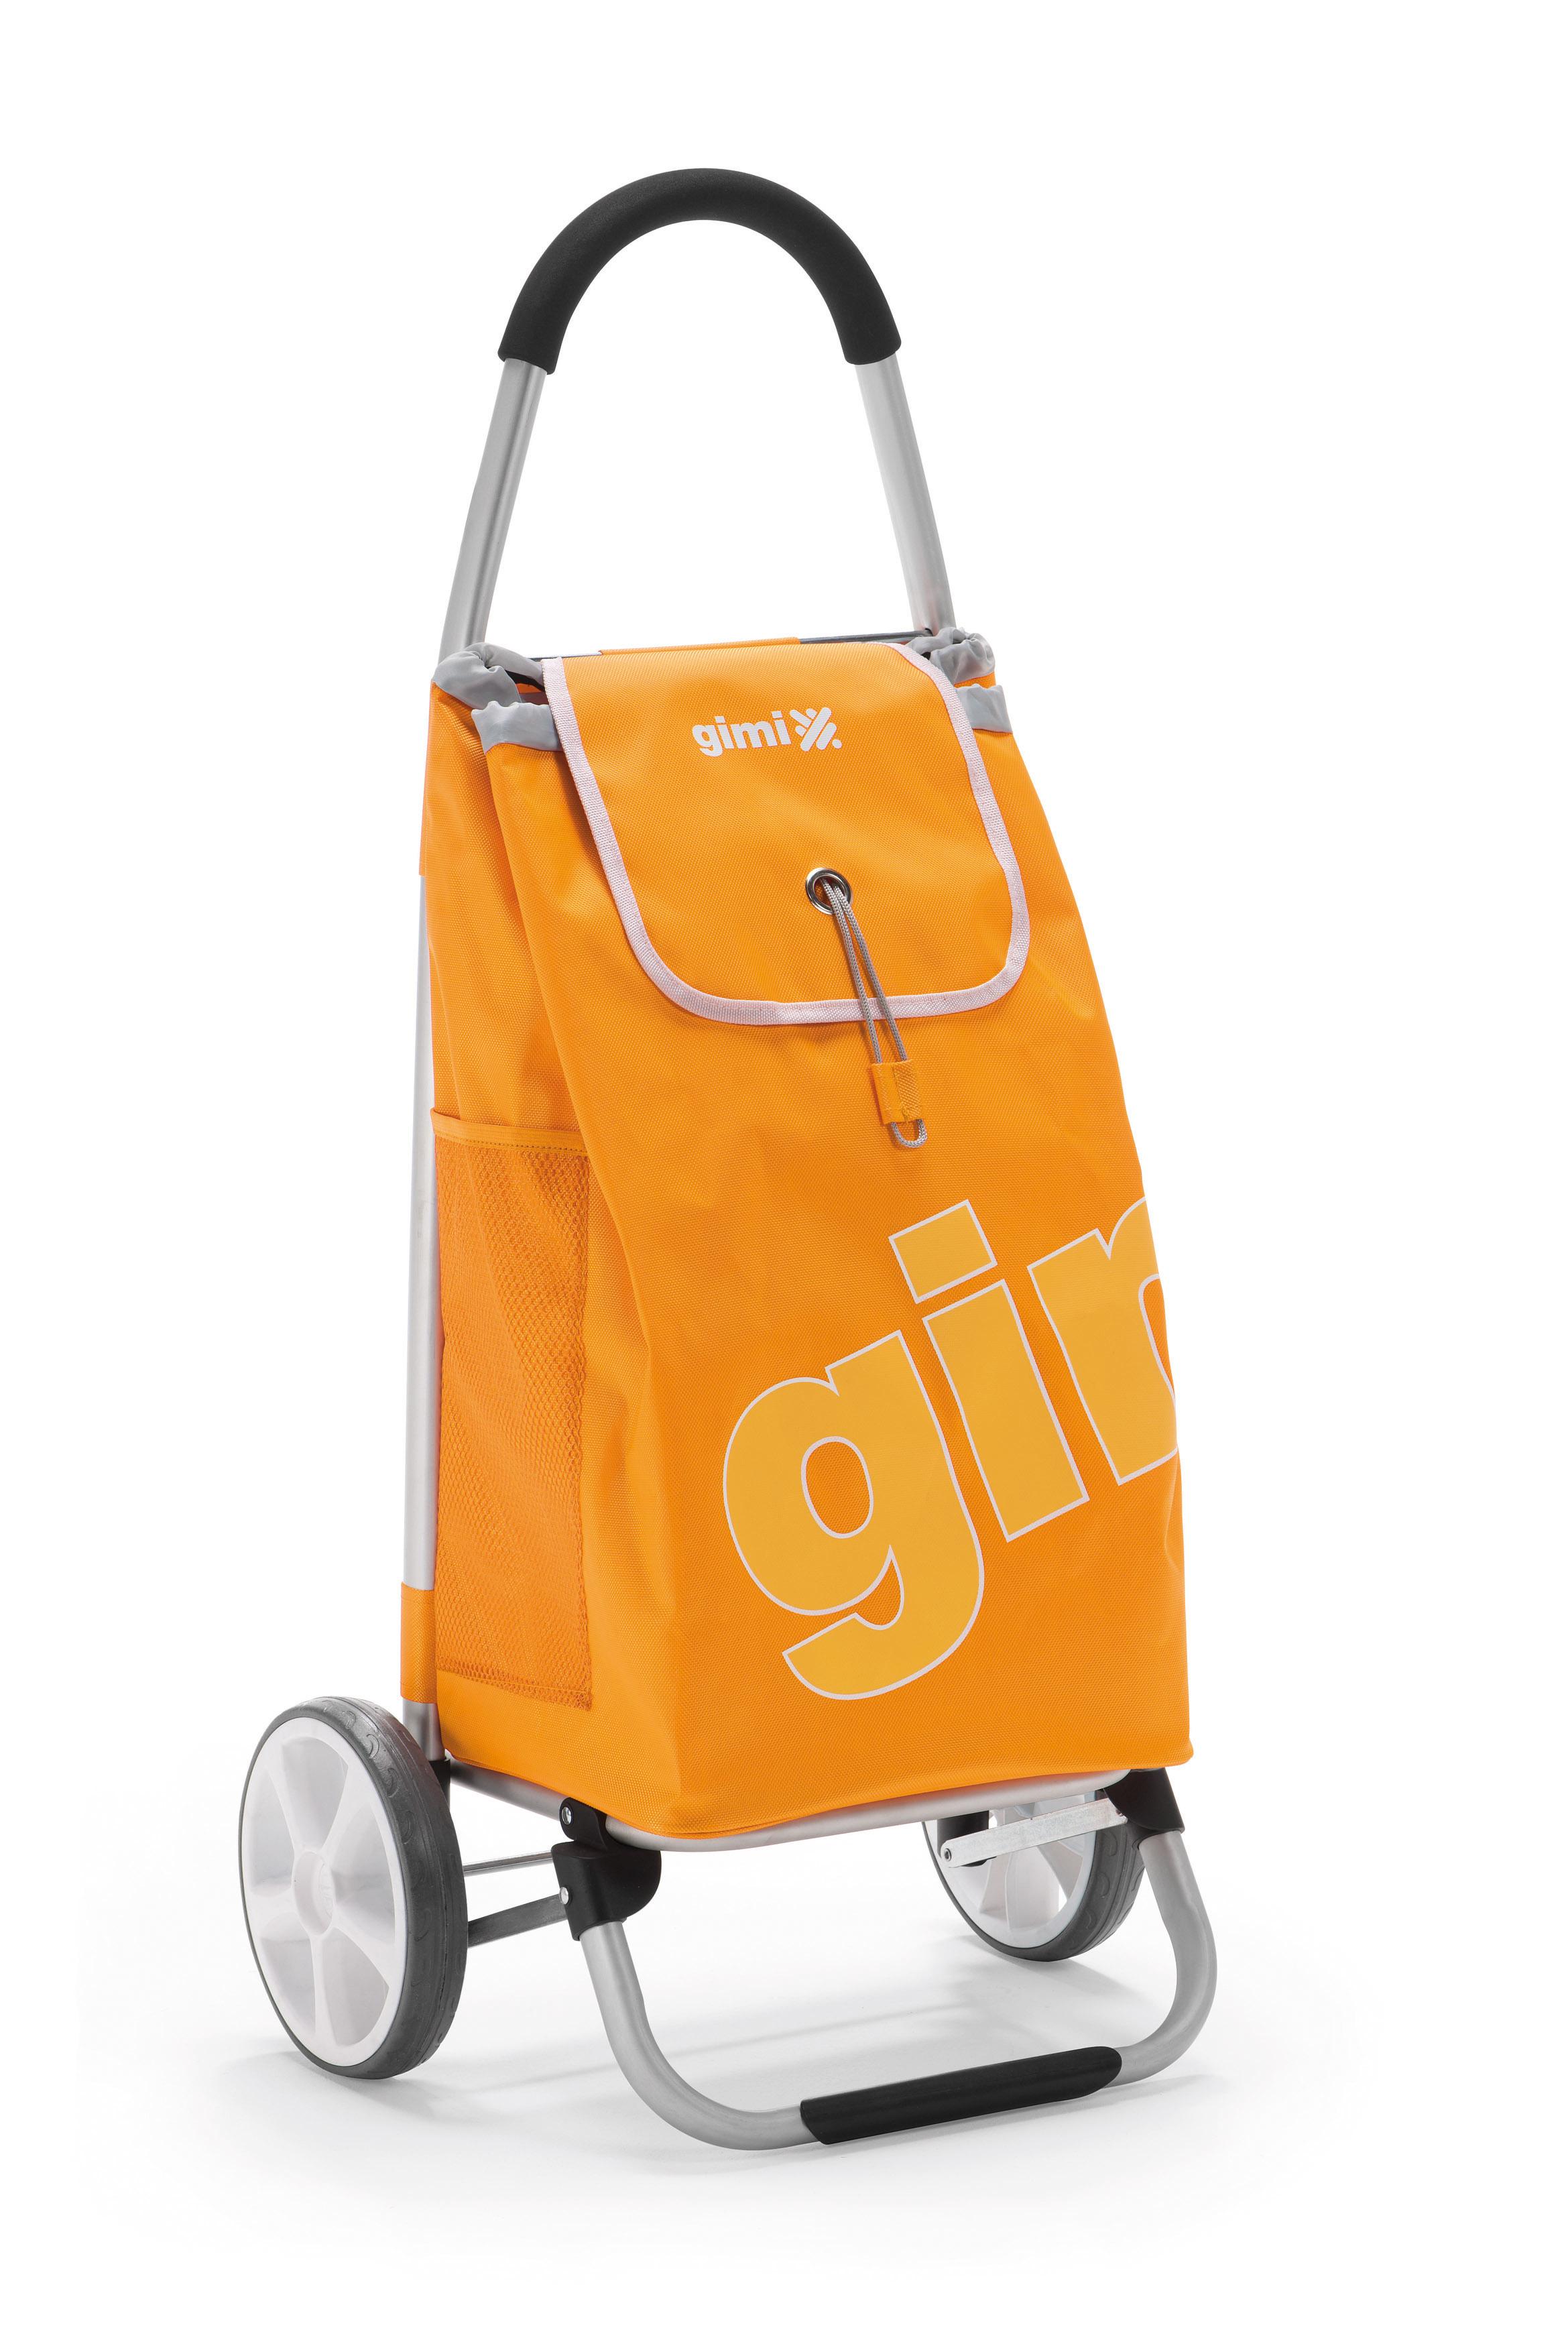 Eshop nákupní tašky na kolečkách, sušáky, prodej Tlumačov